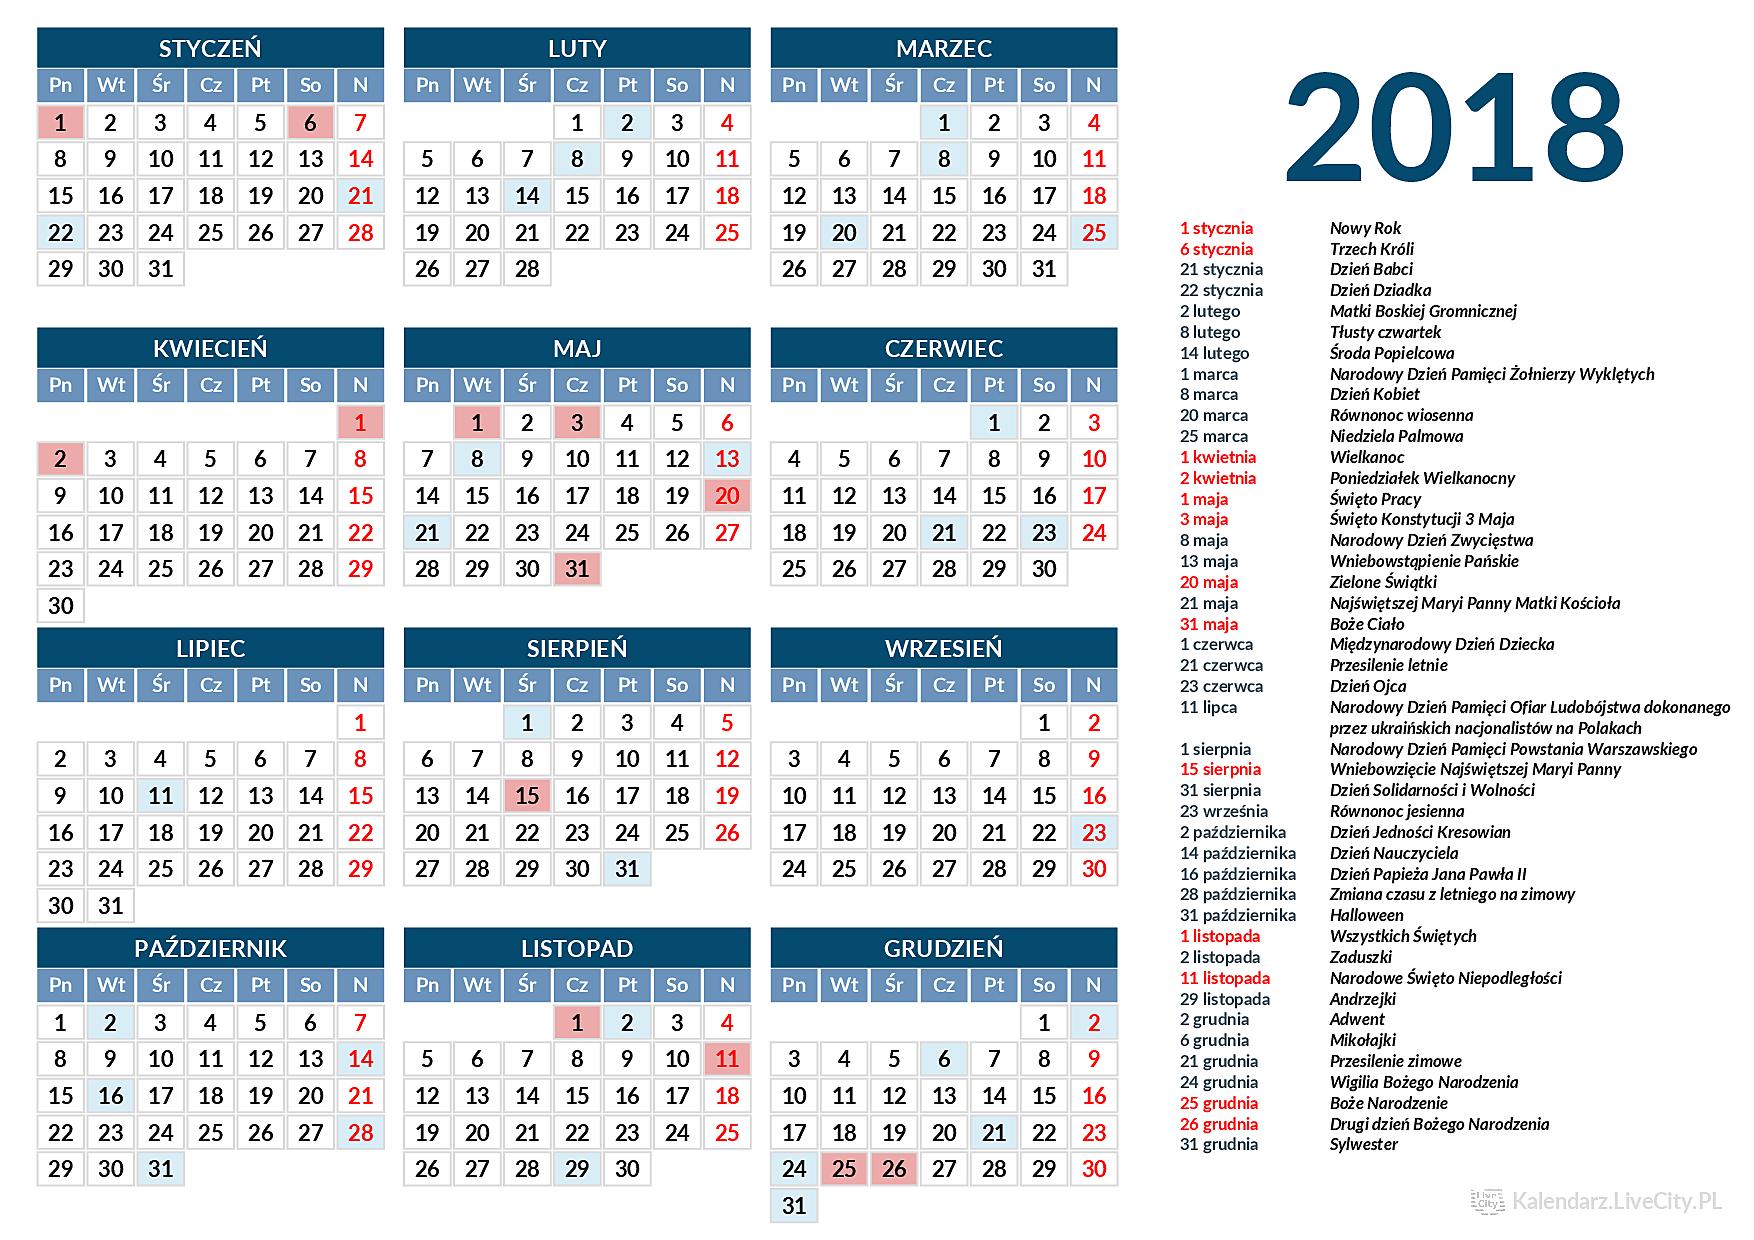 Kalendarz 2018 święta Dni Wolne I Numery Tygodni